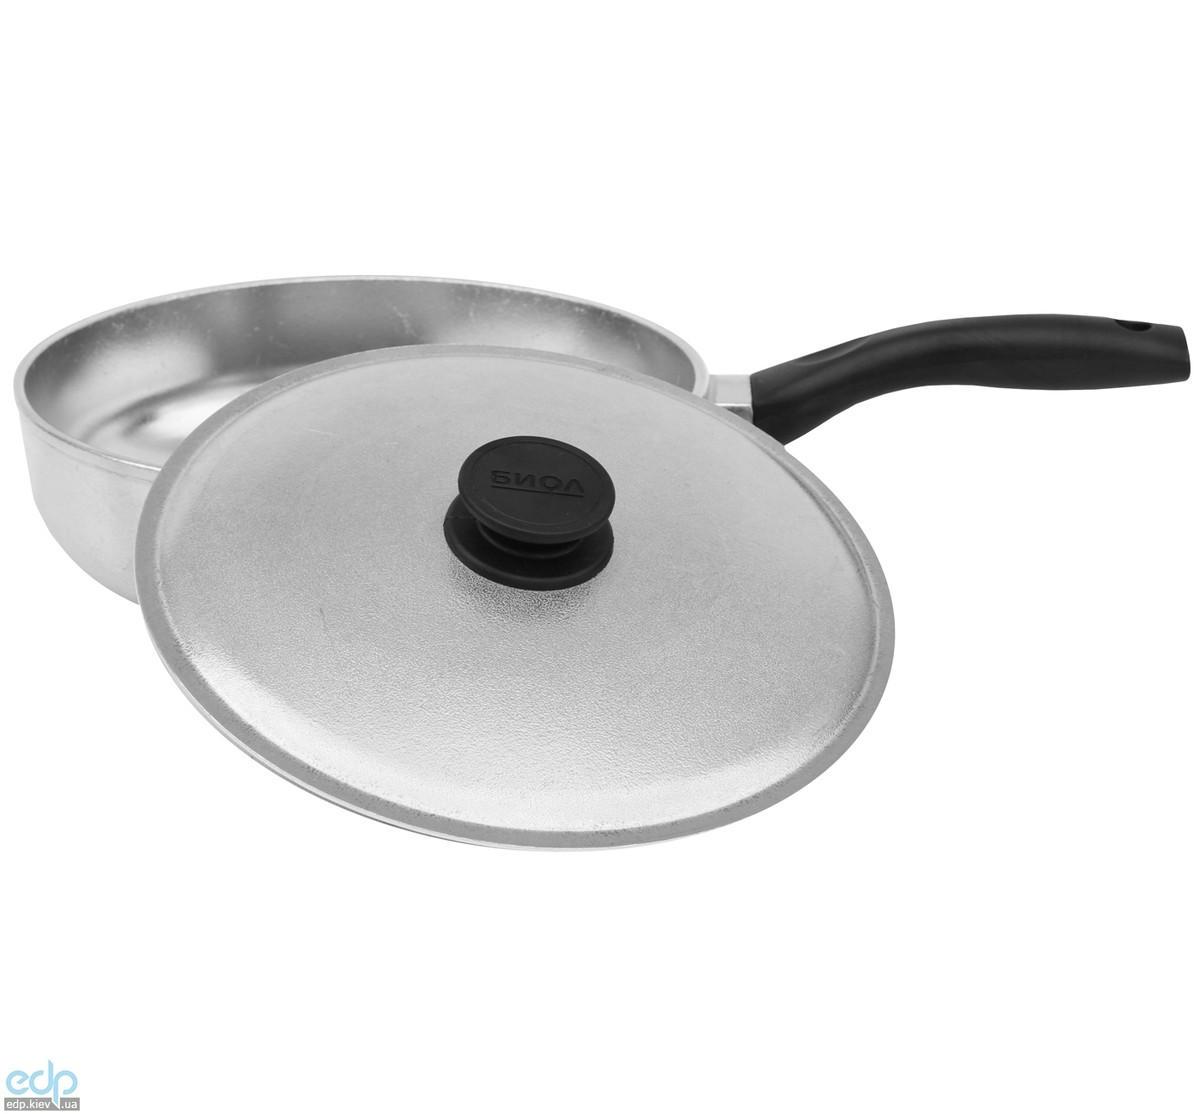 Биол - Сковородка Линия Блеск с крышкой диаметр 26 см (2609БК)